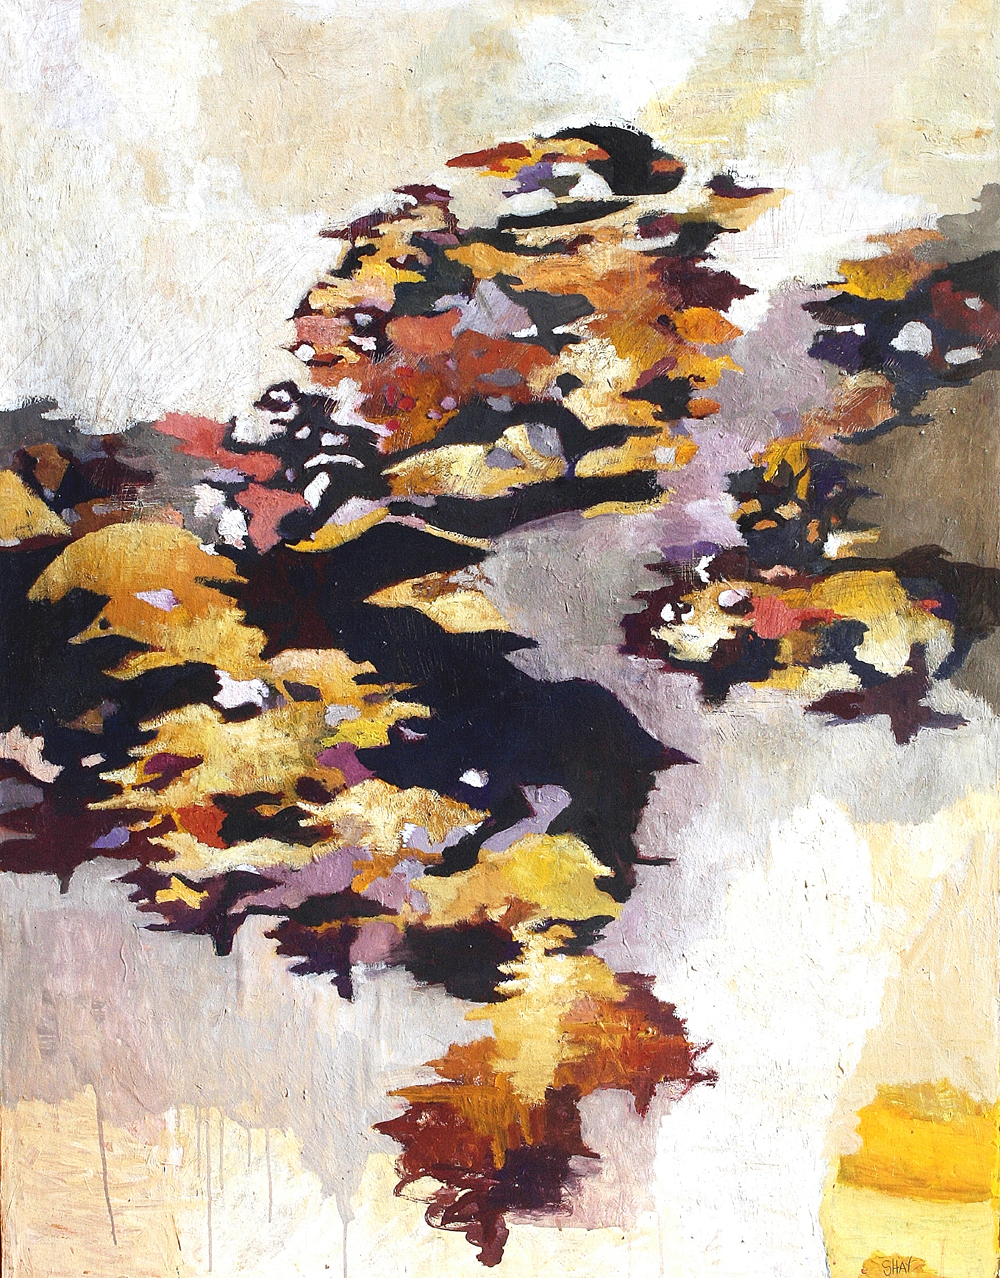 Grove Study 1. Casein and tempera, 65 x 50 in.